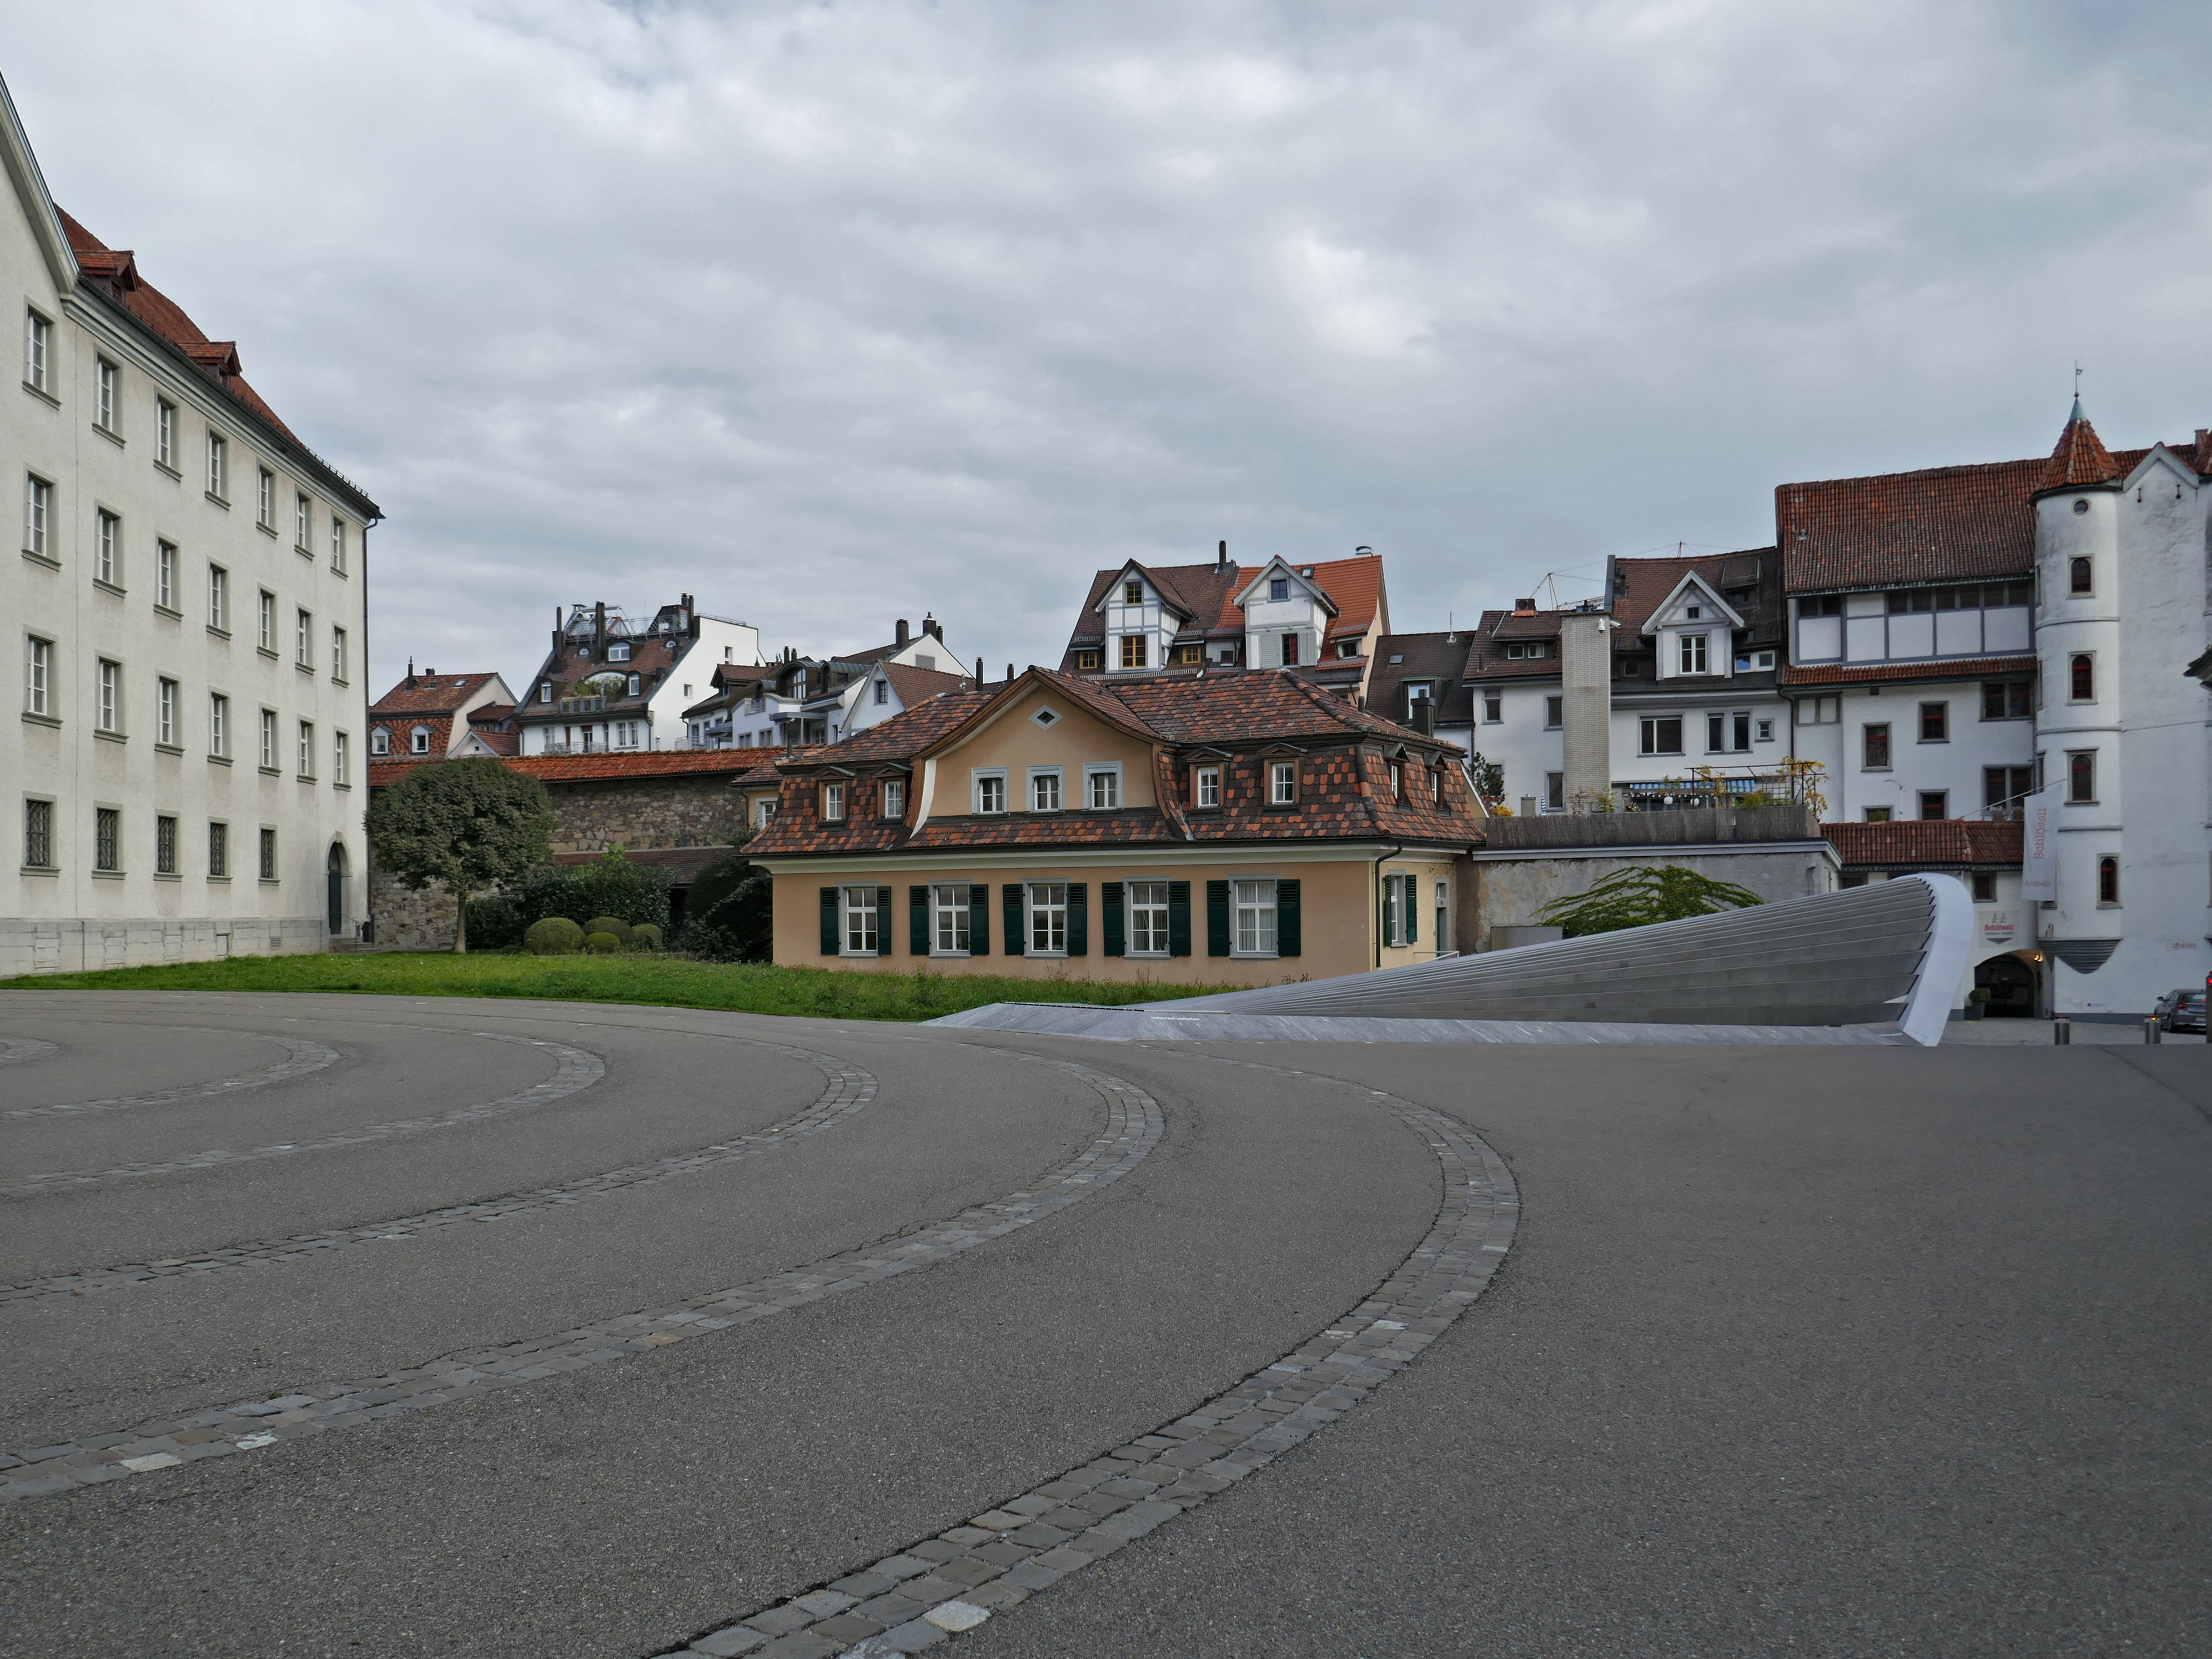 file:stiftsmauer (schiedmauer), stiftsbezirk st. gallen